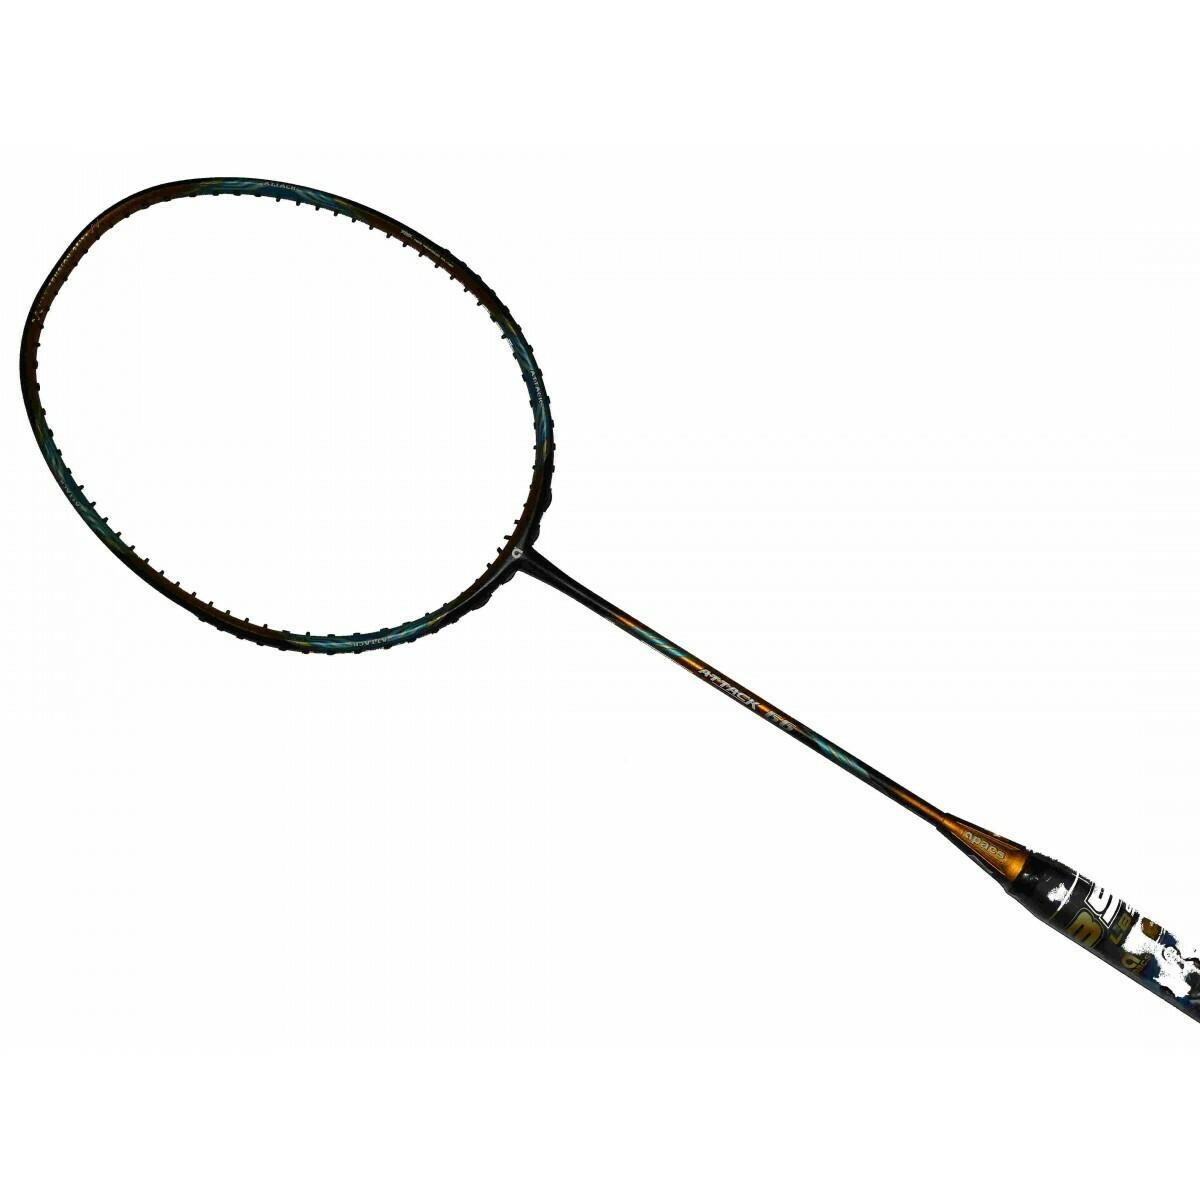 Apacs Attack 66 Badminton Racquet